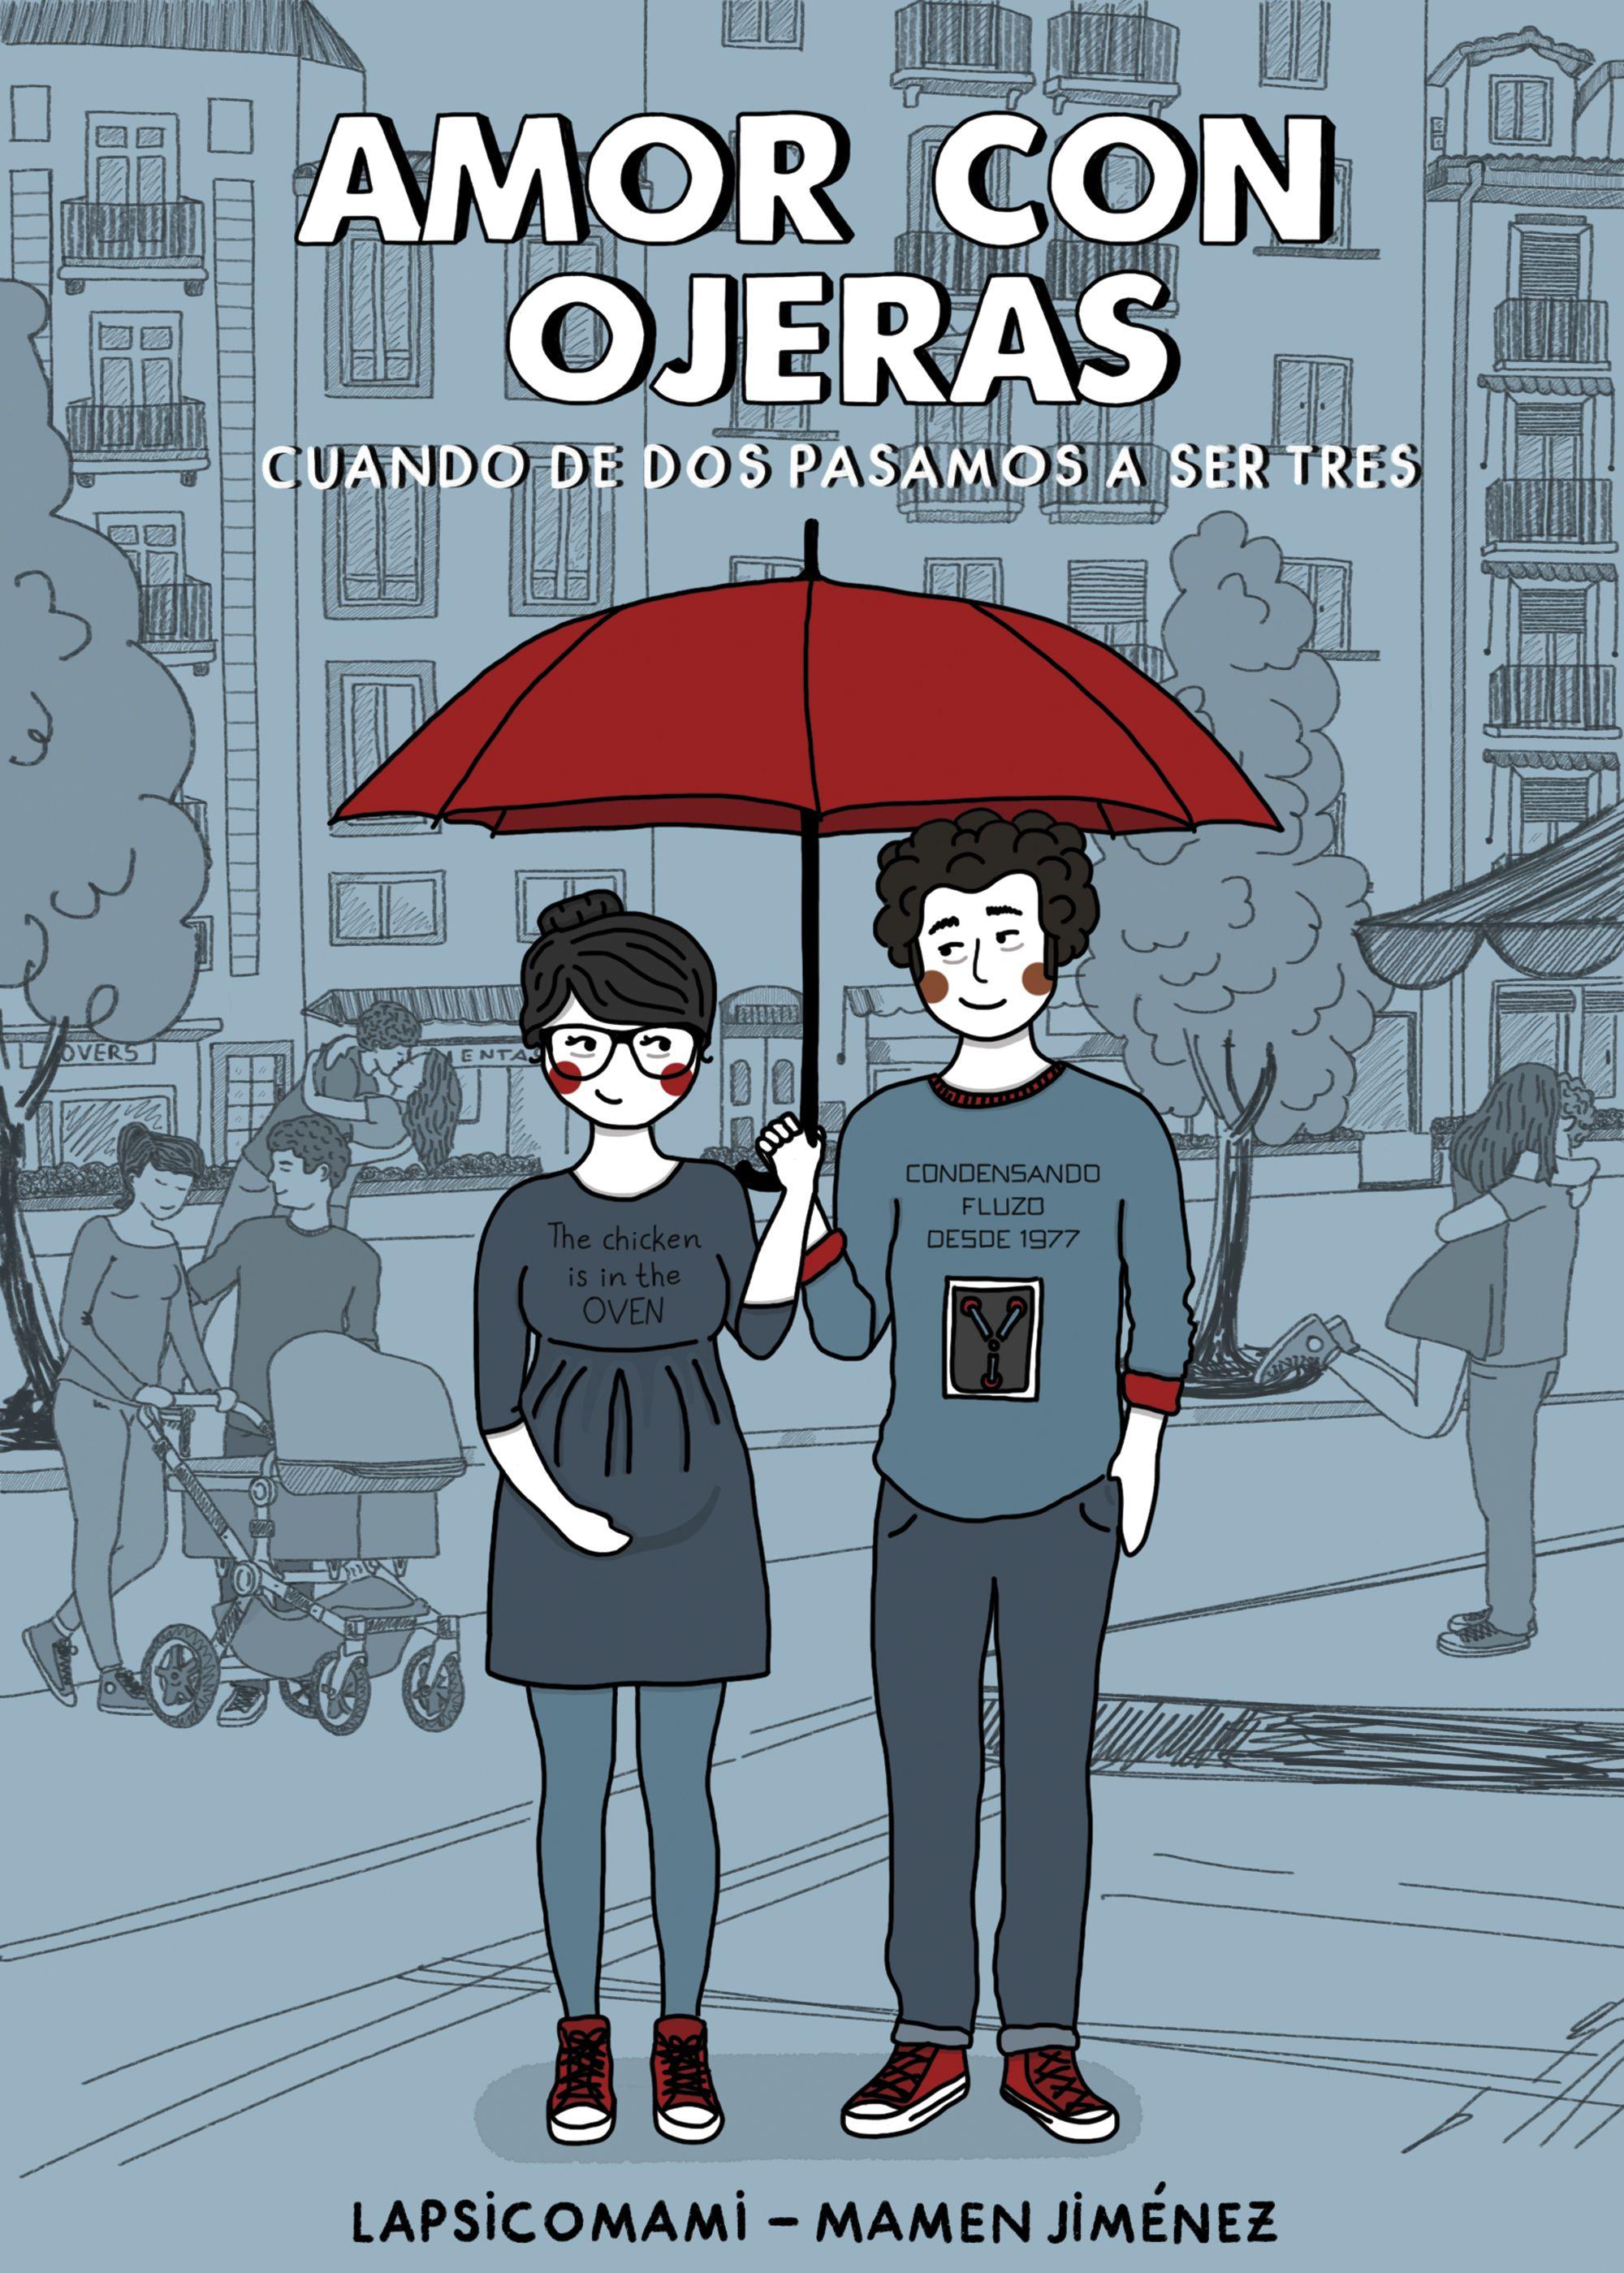 Amor Con Ojeras por Mamen Jimenez Lapsicomami